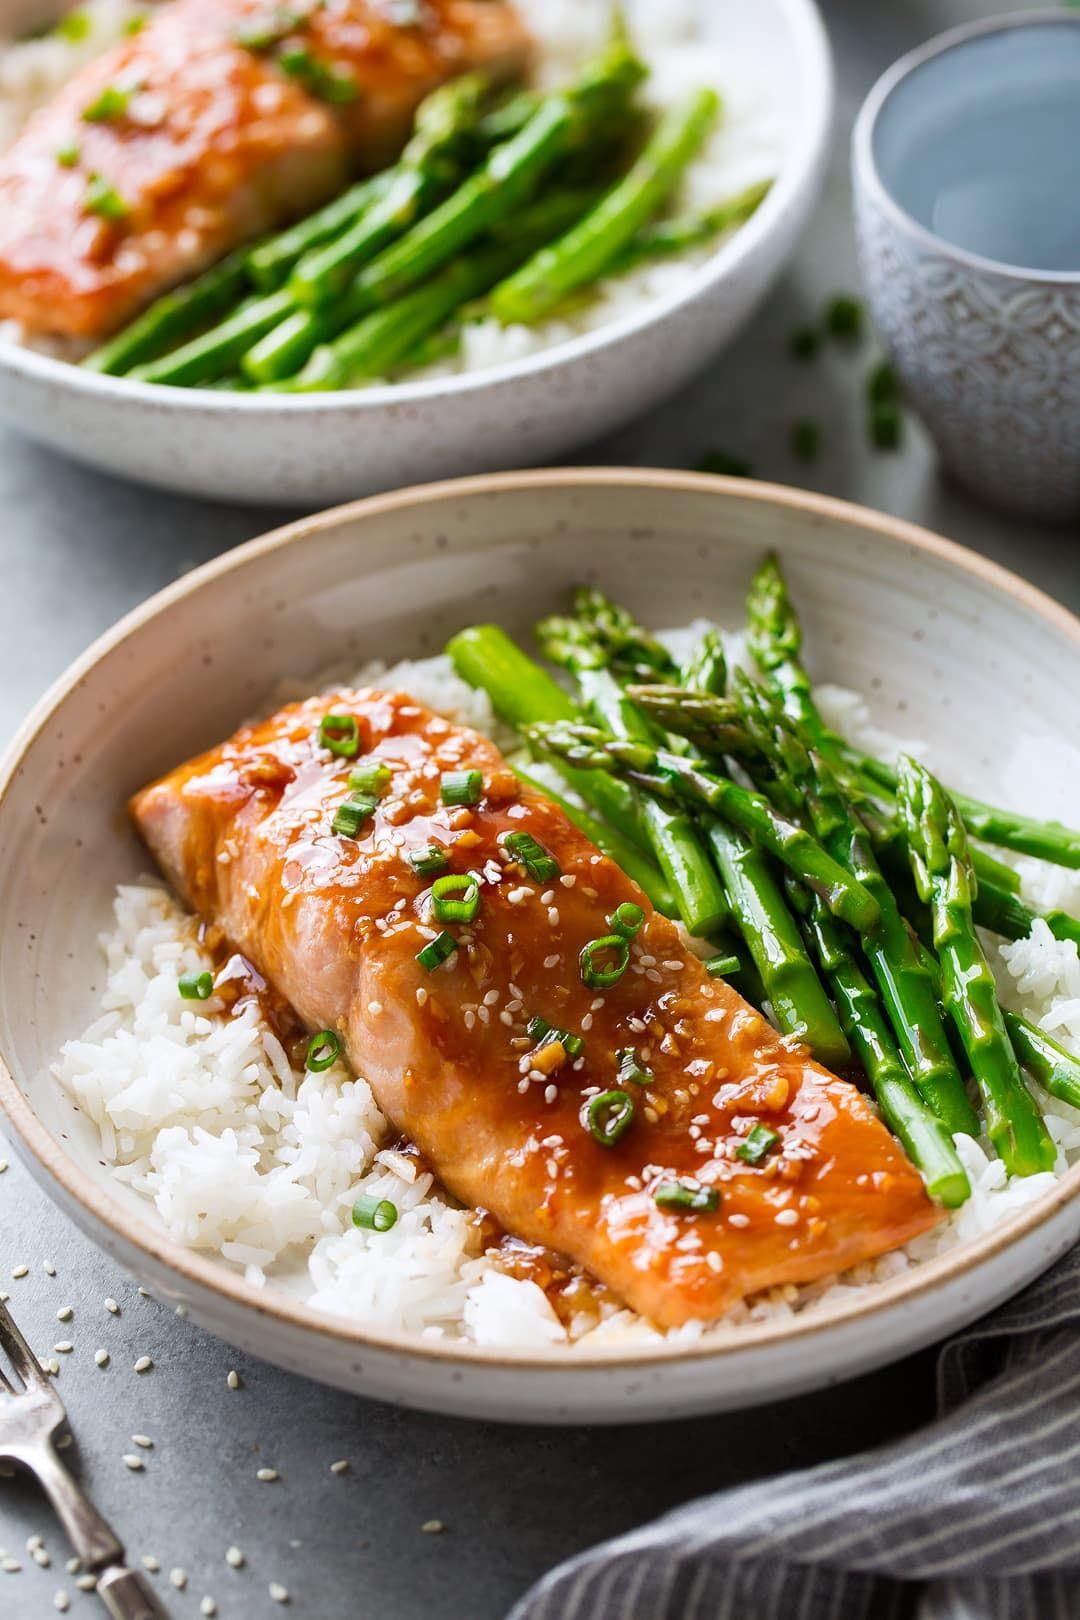 Teriyaki Salmon Recipe - Cooking Classy